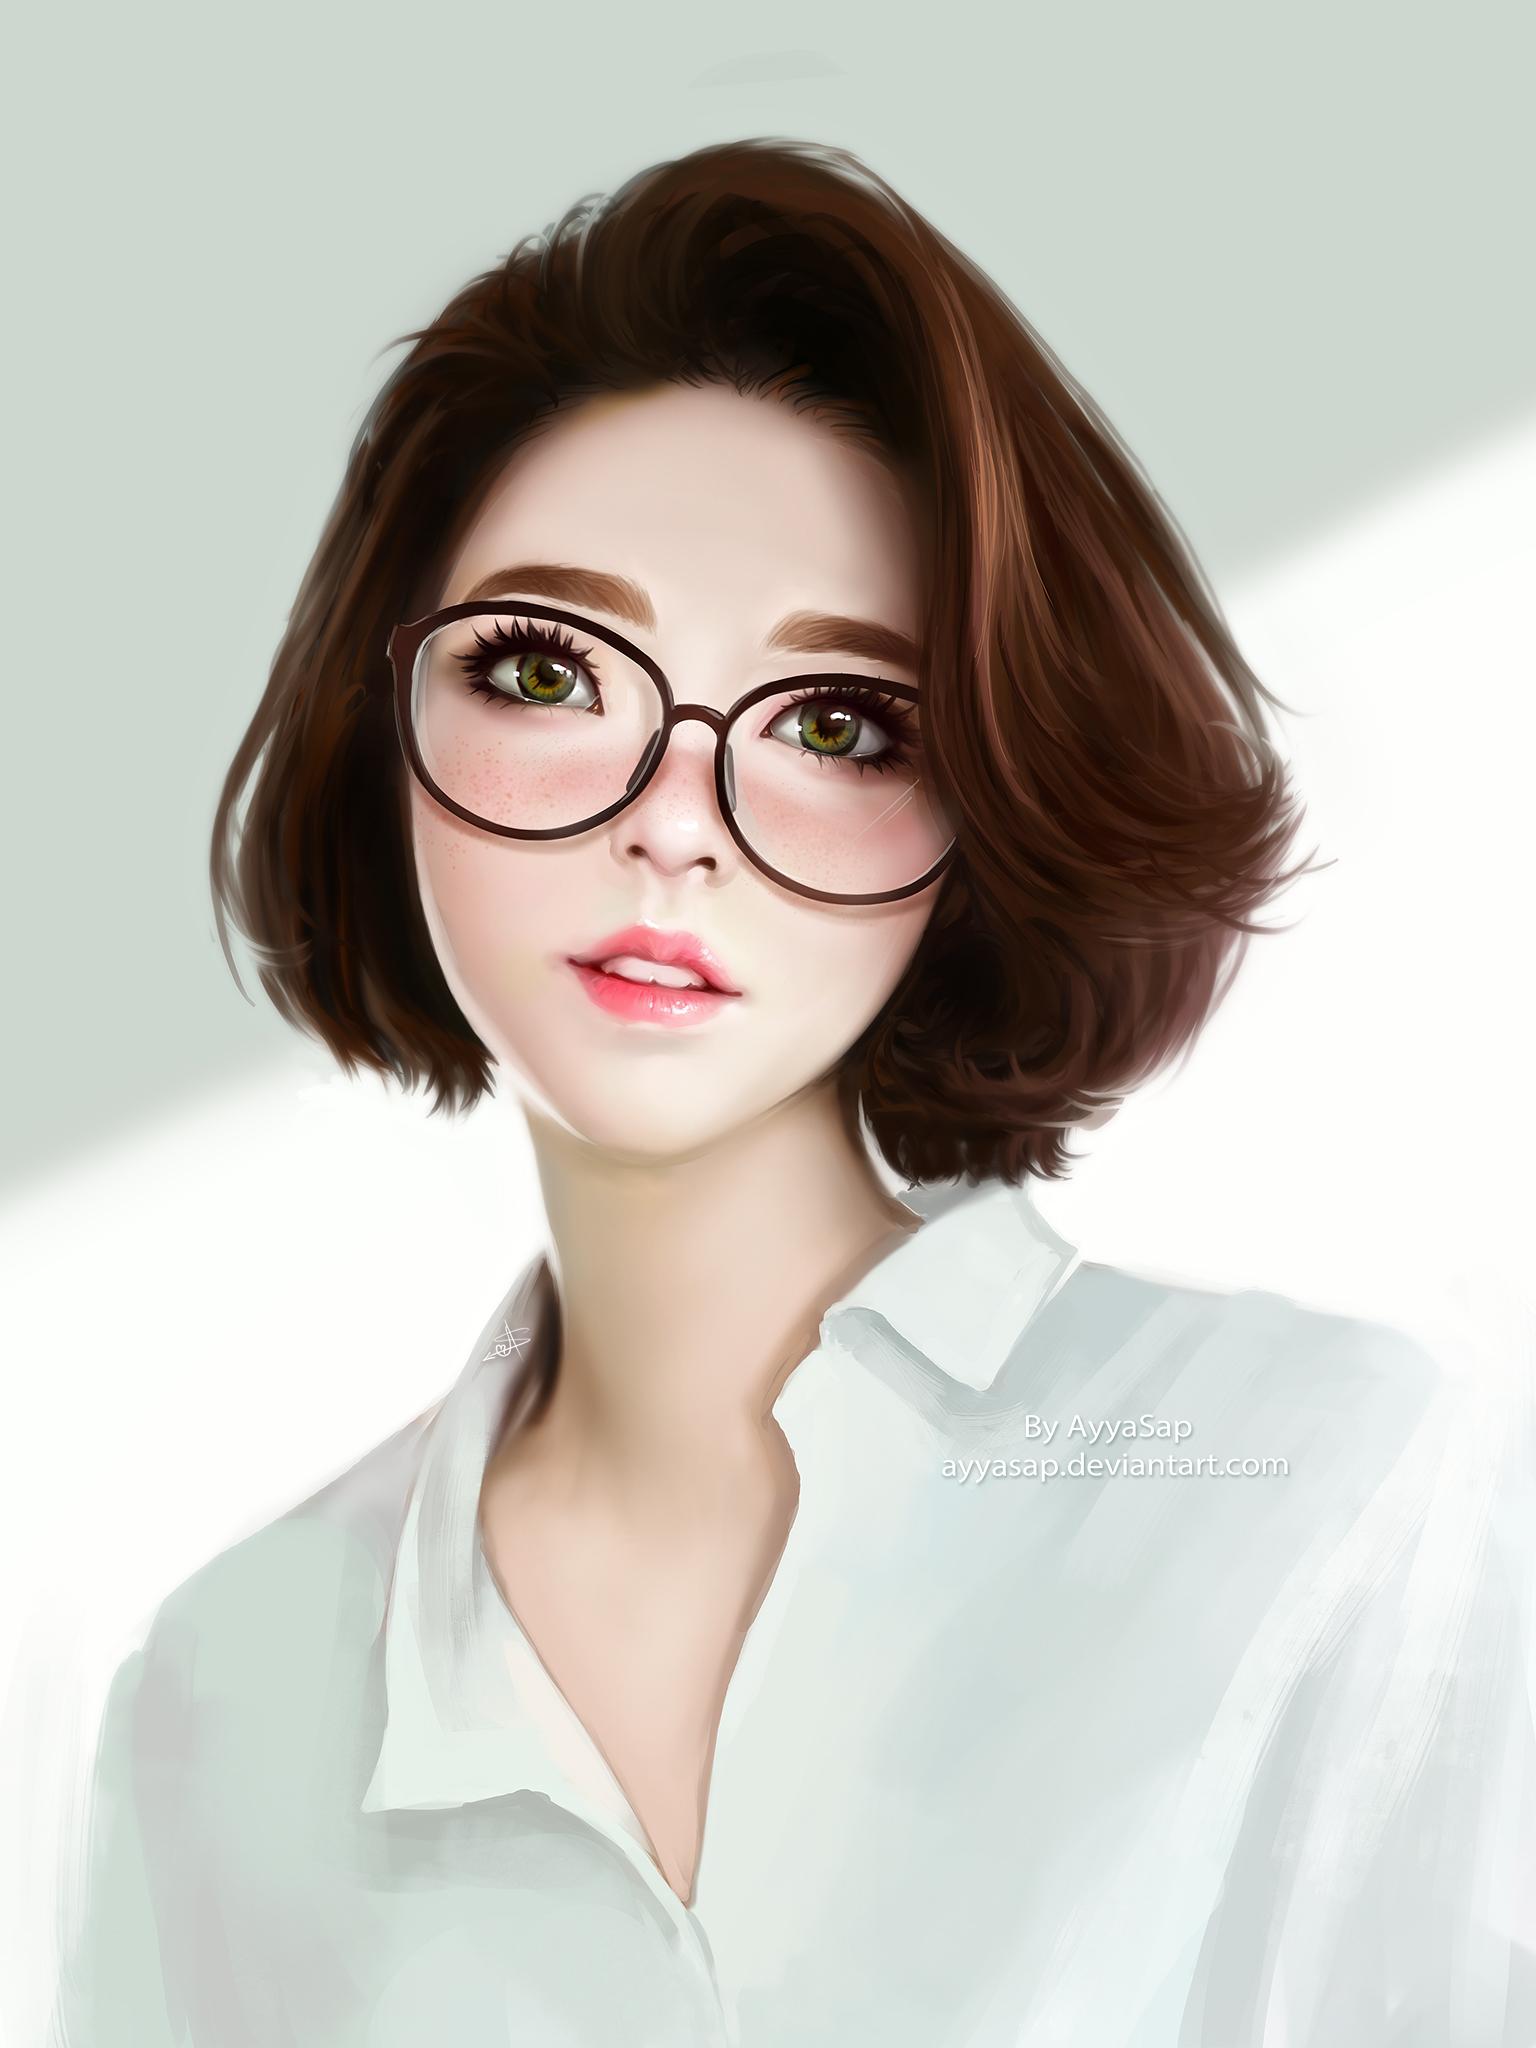 Hình ảnh anime Hàn đẹp cô gái mắt xanh tóc ngắn